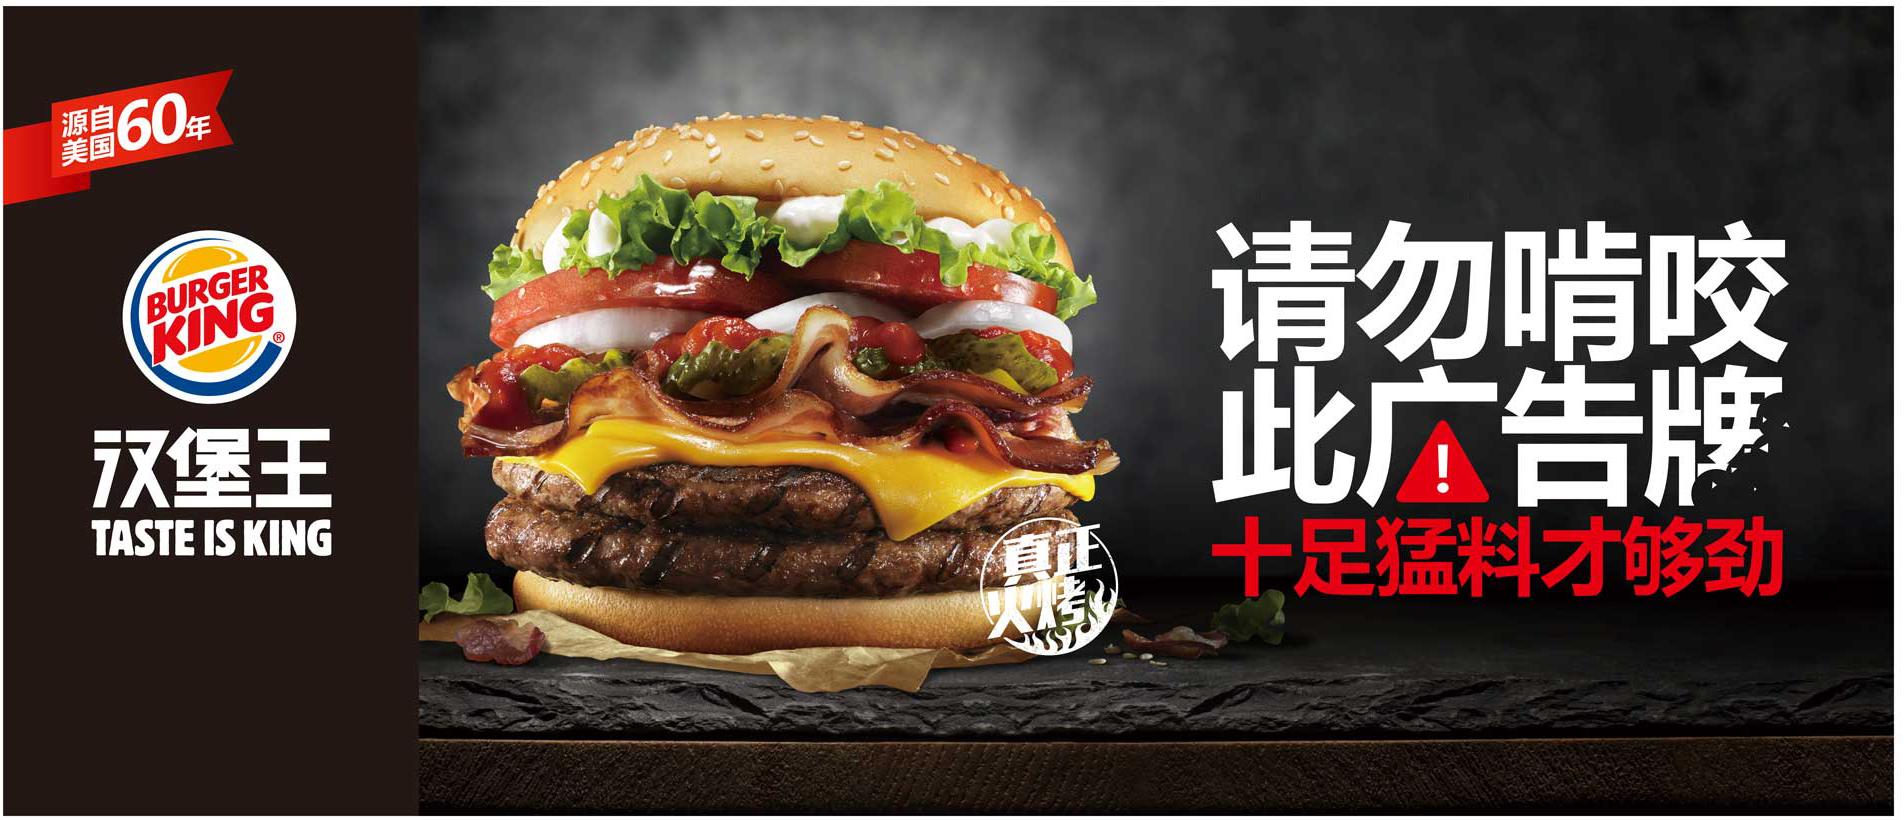 Burger King 汉堡王